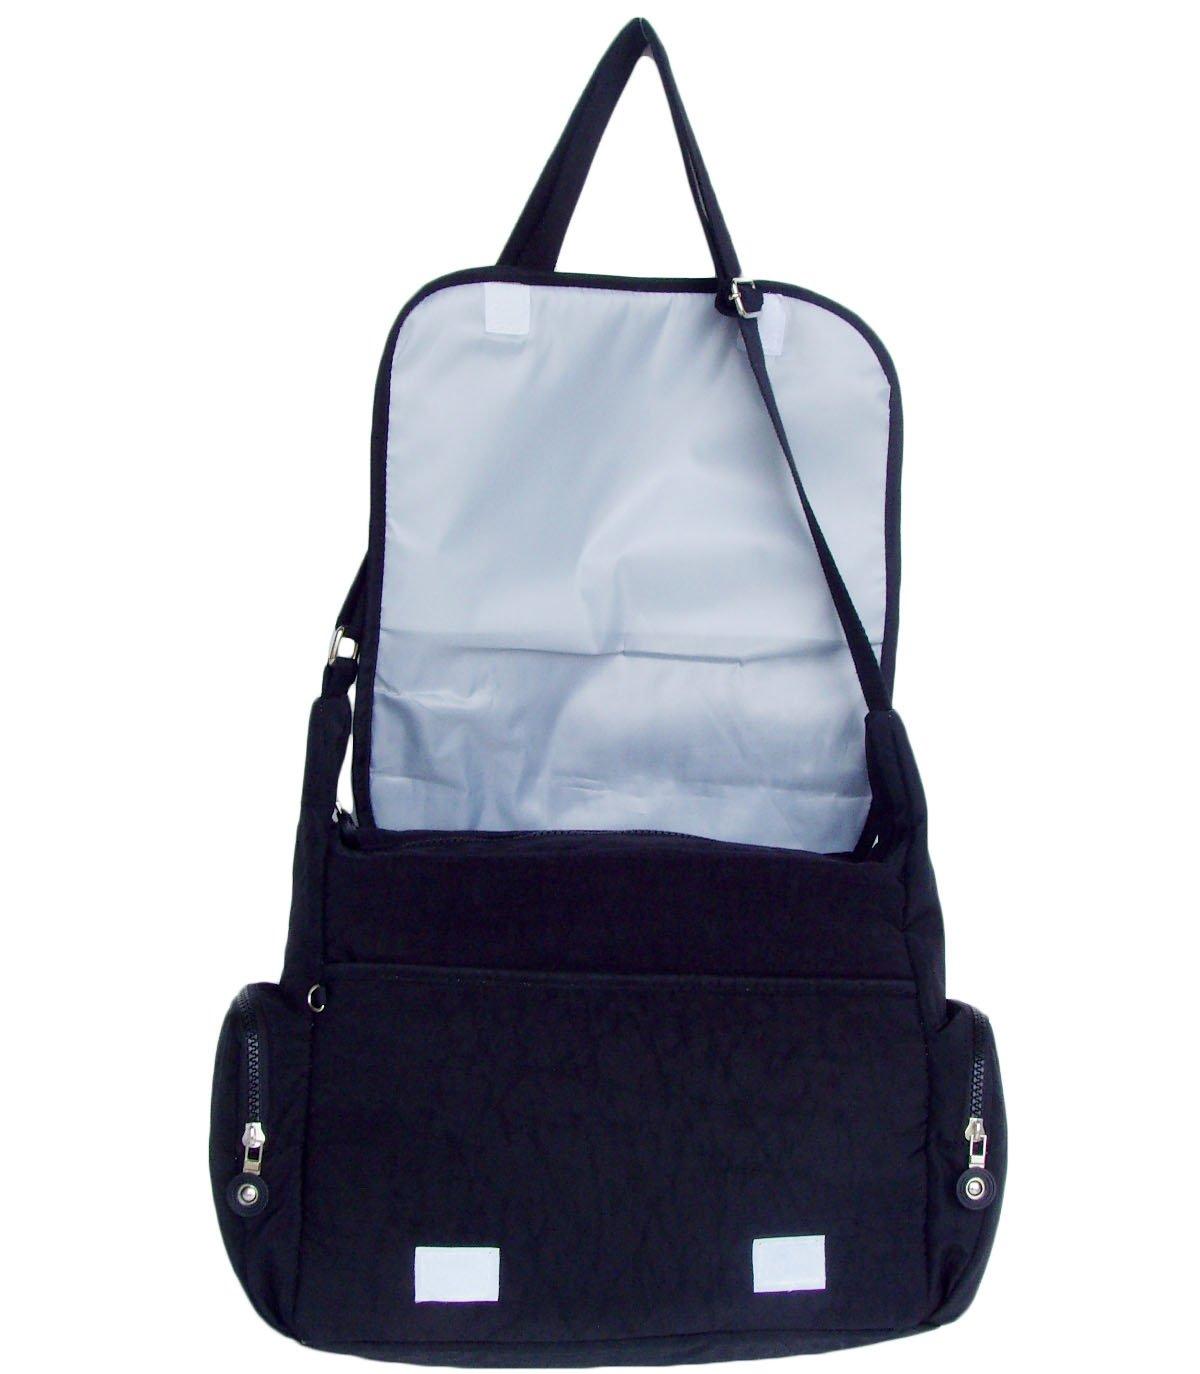 HONG YE Pure Stripe Slouch Bag,sku:hb79black5